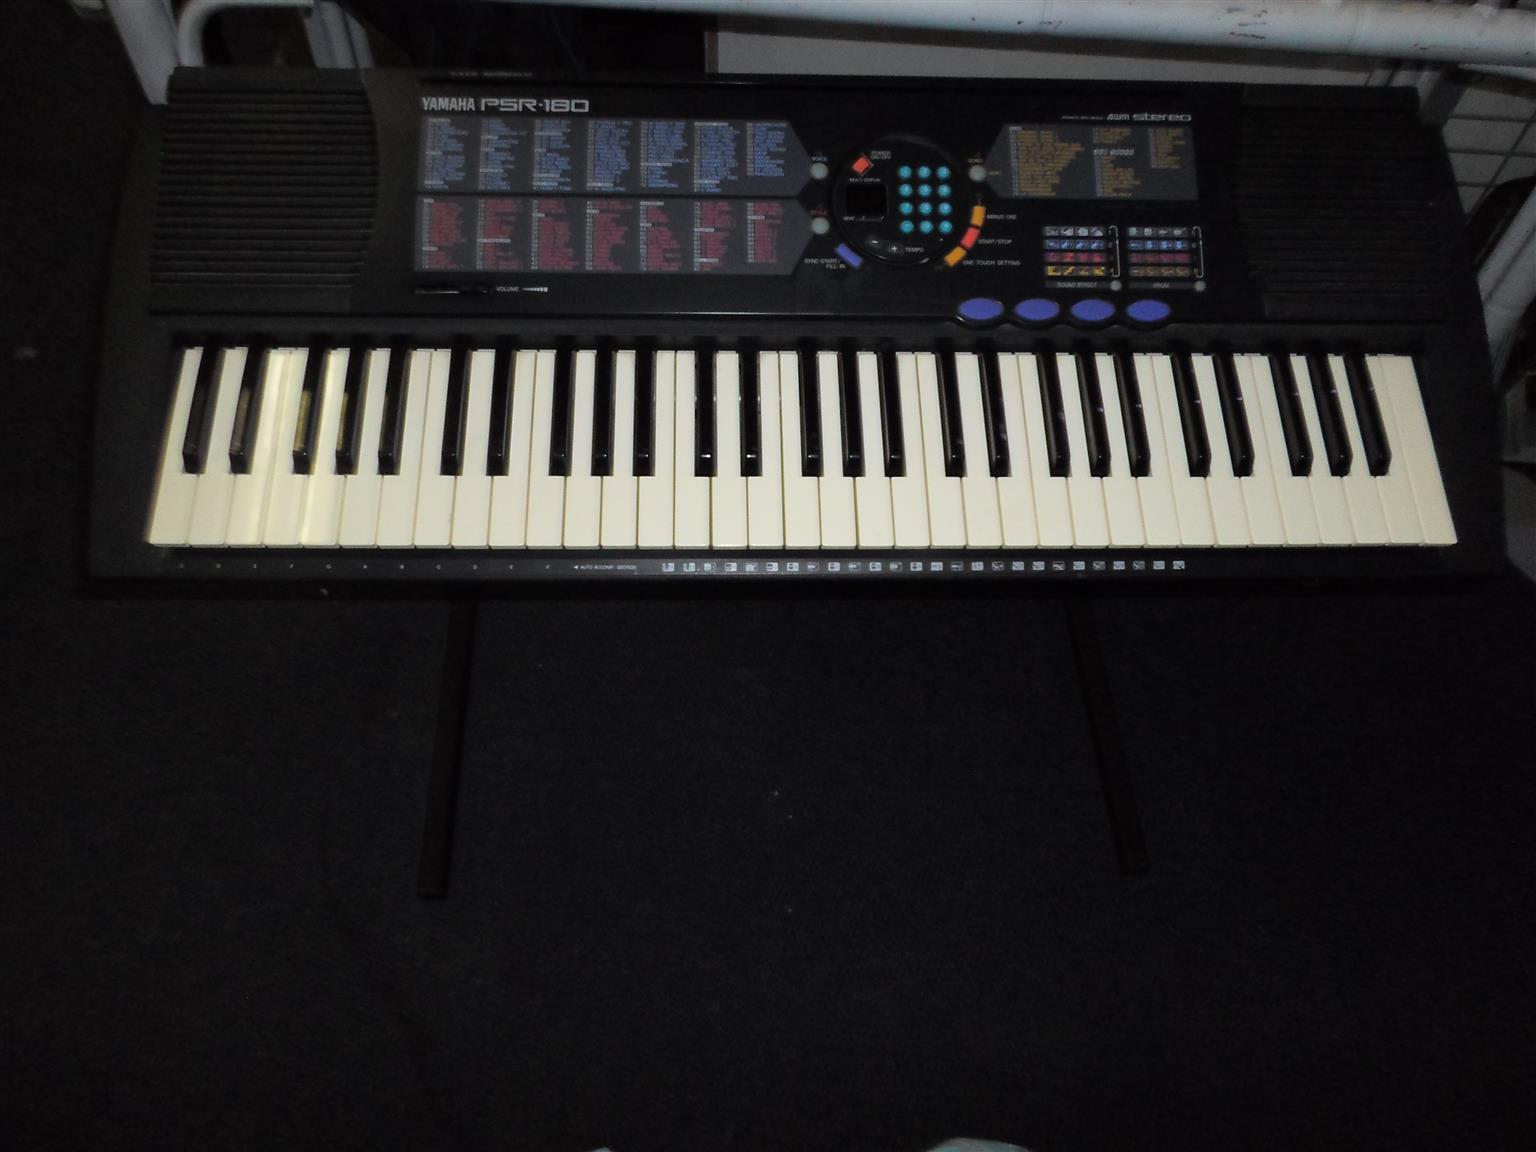 Yamaha PSR-180 Keyboard